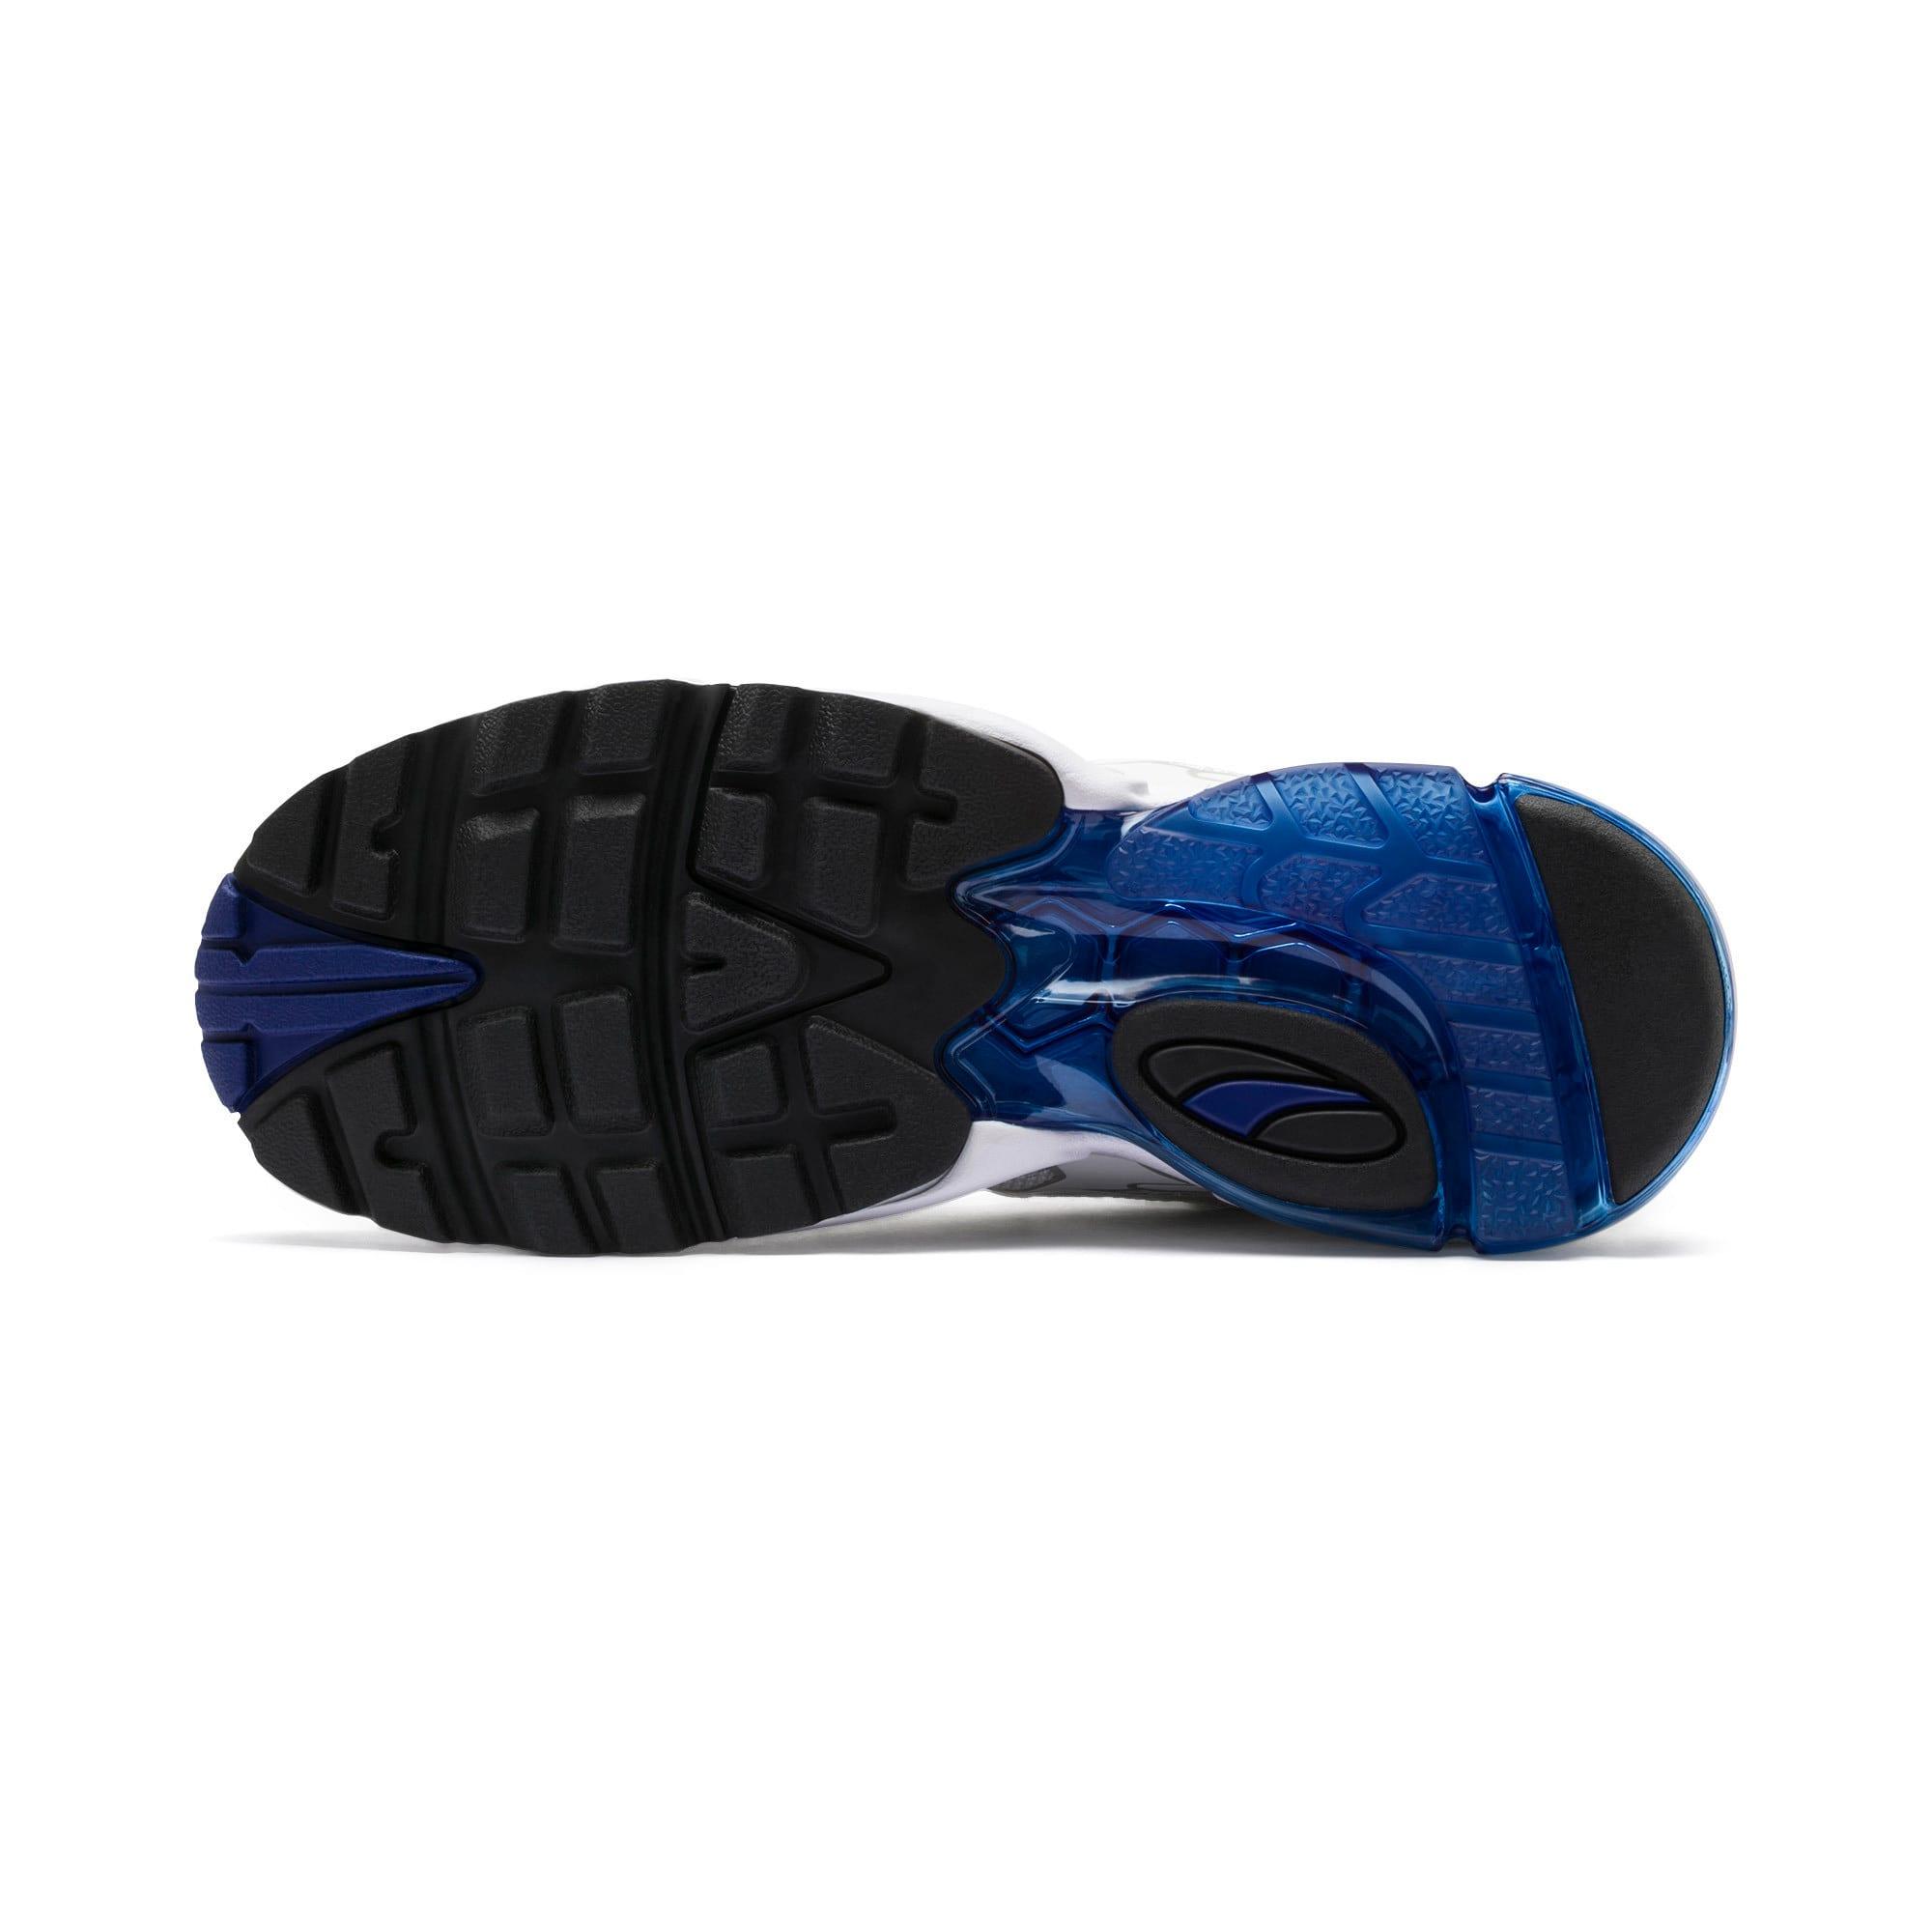 Thumbnail 5 of CELL Alien Kotto Sneakers, Puma White-Puma White, medium